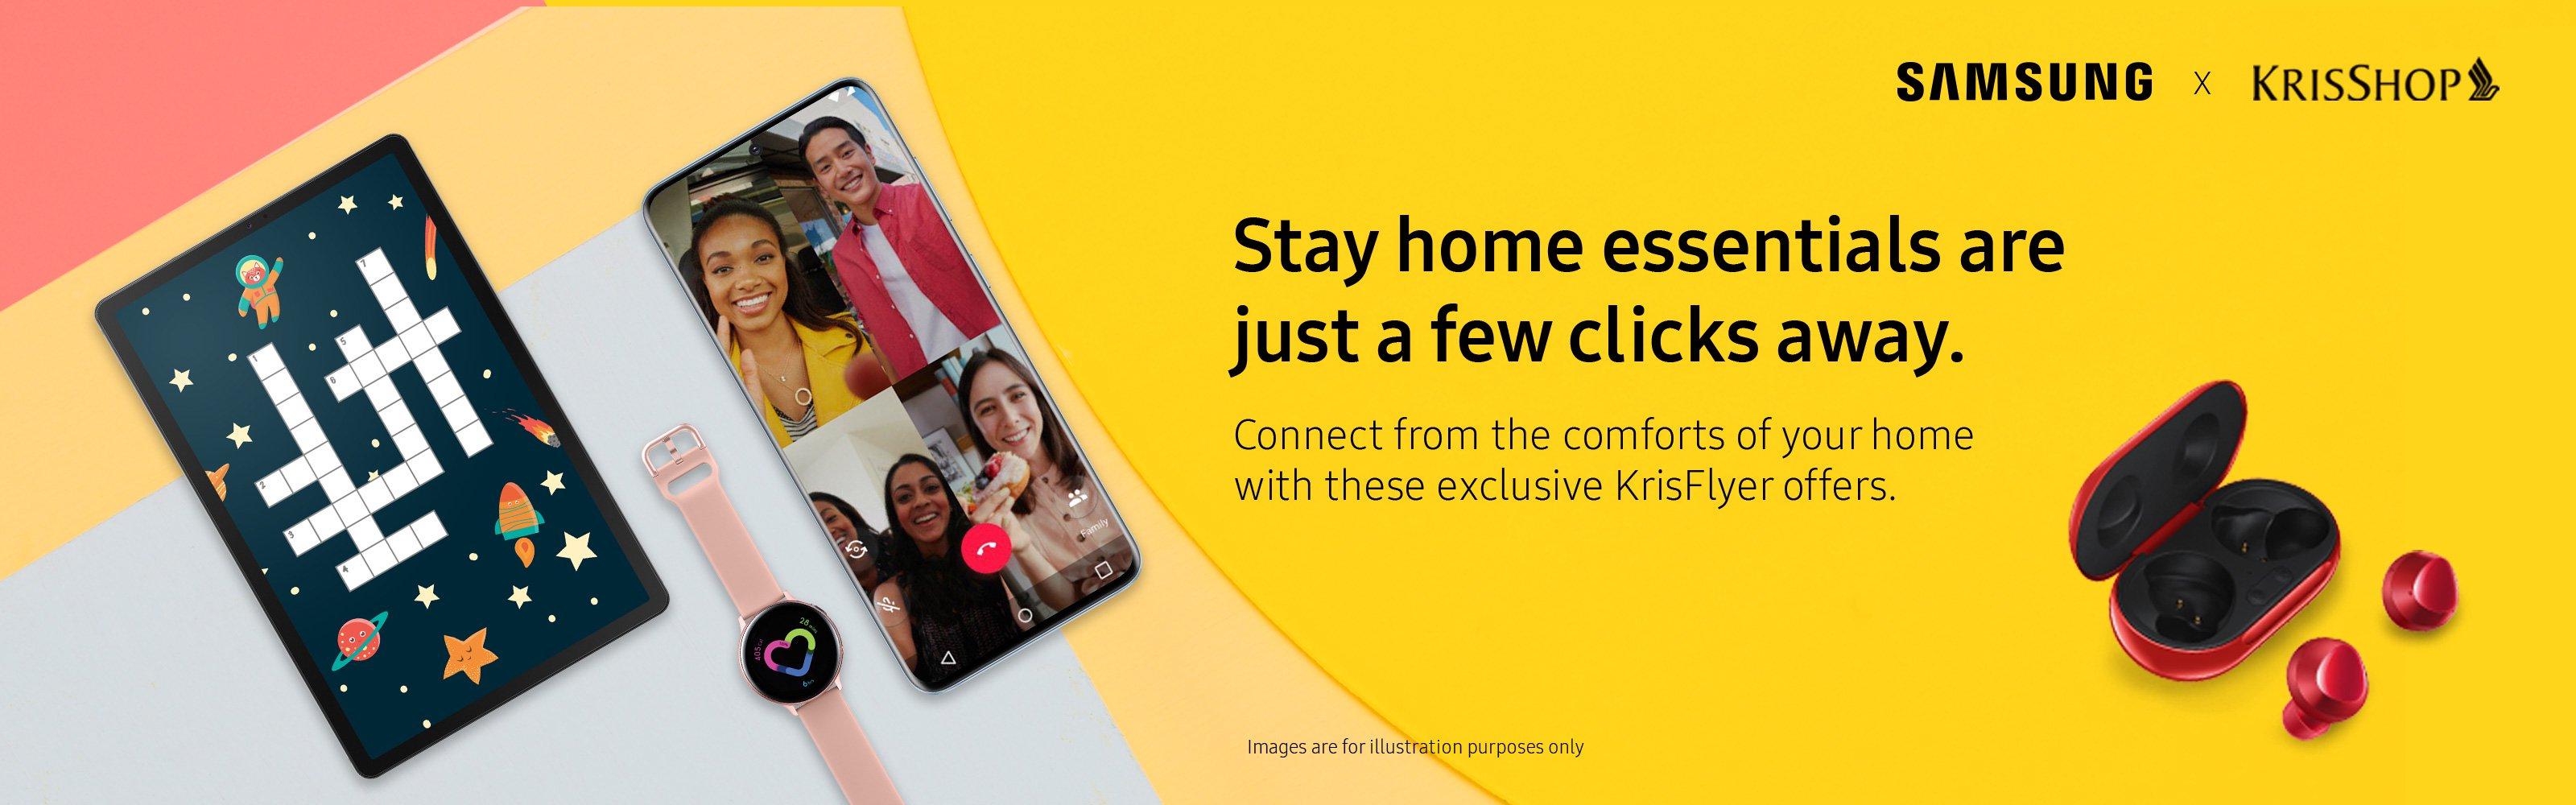 Samsung x KrisShop Stay Home Essentials